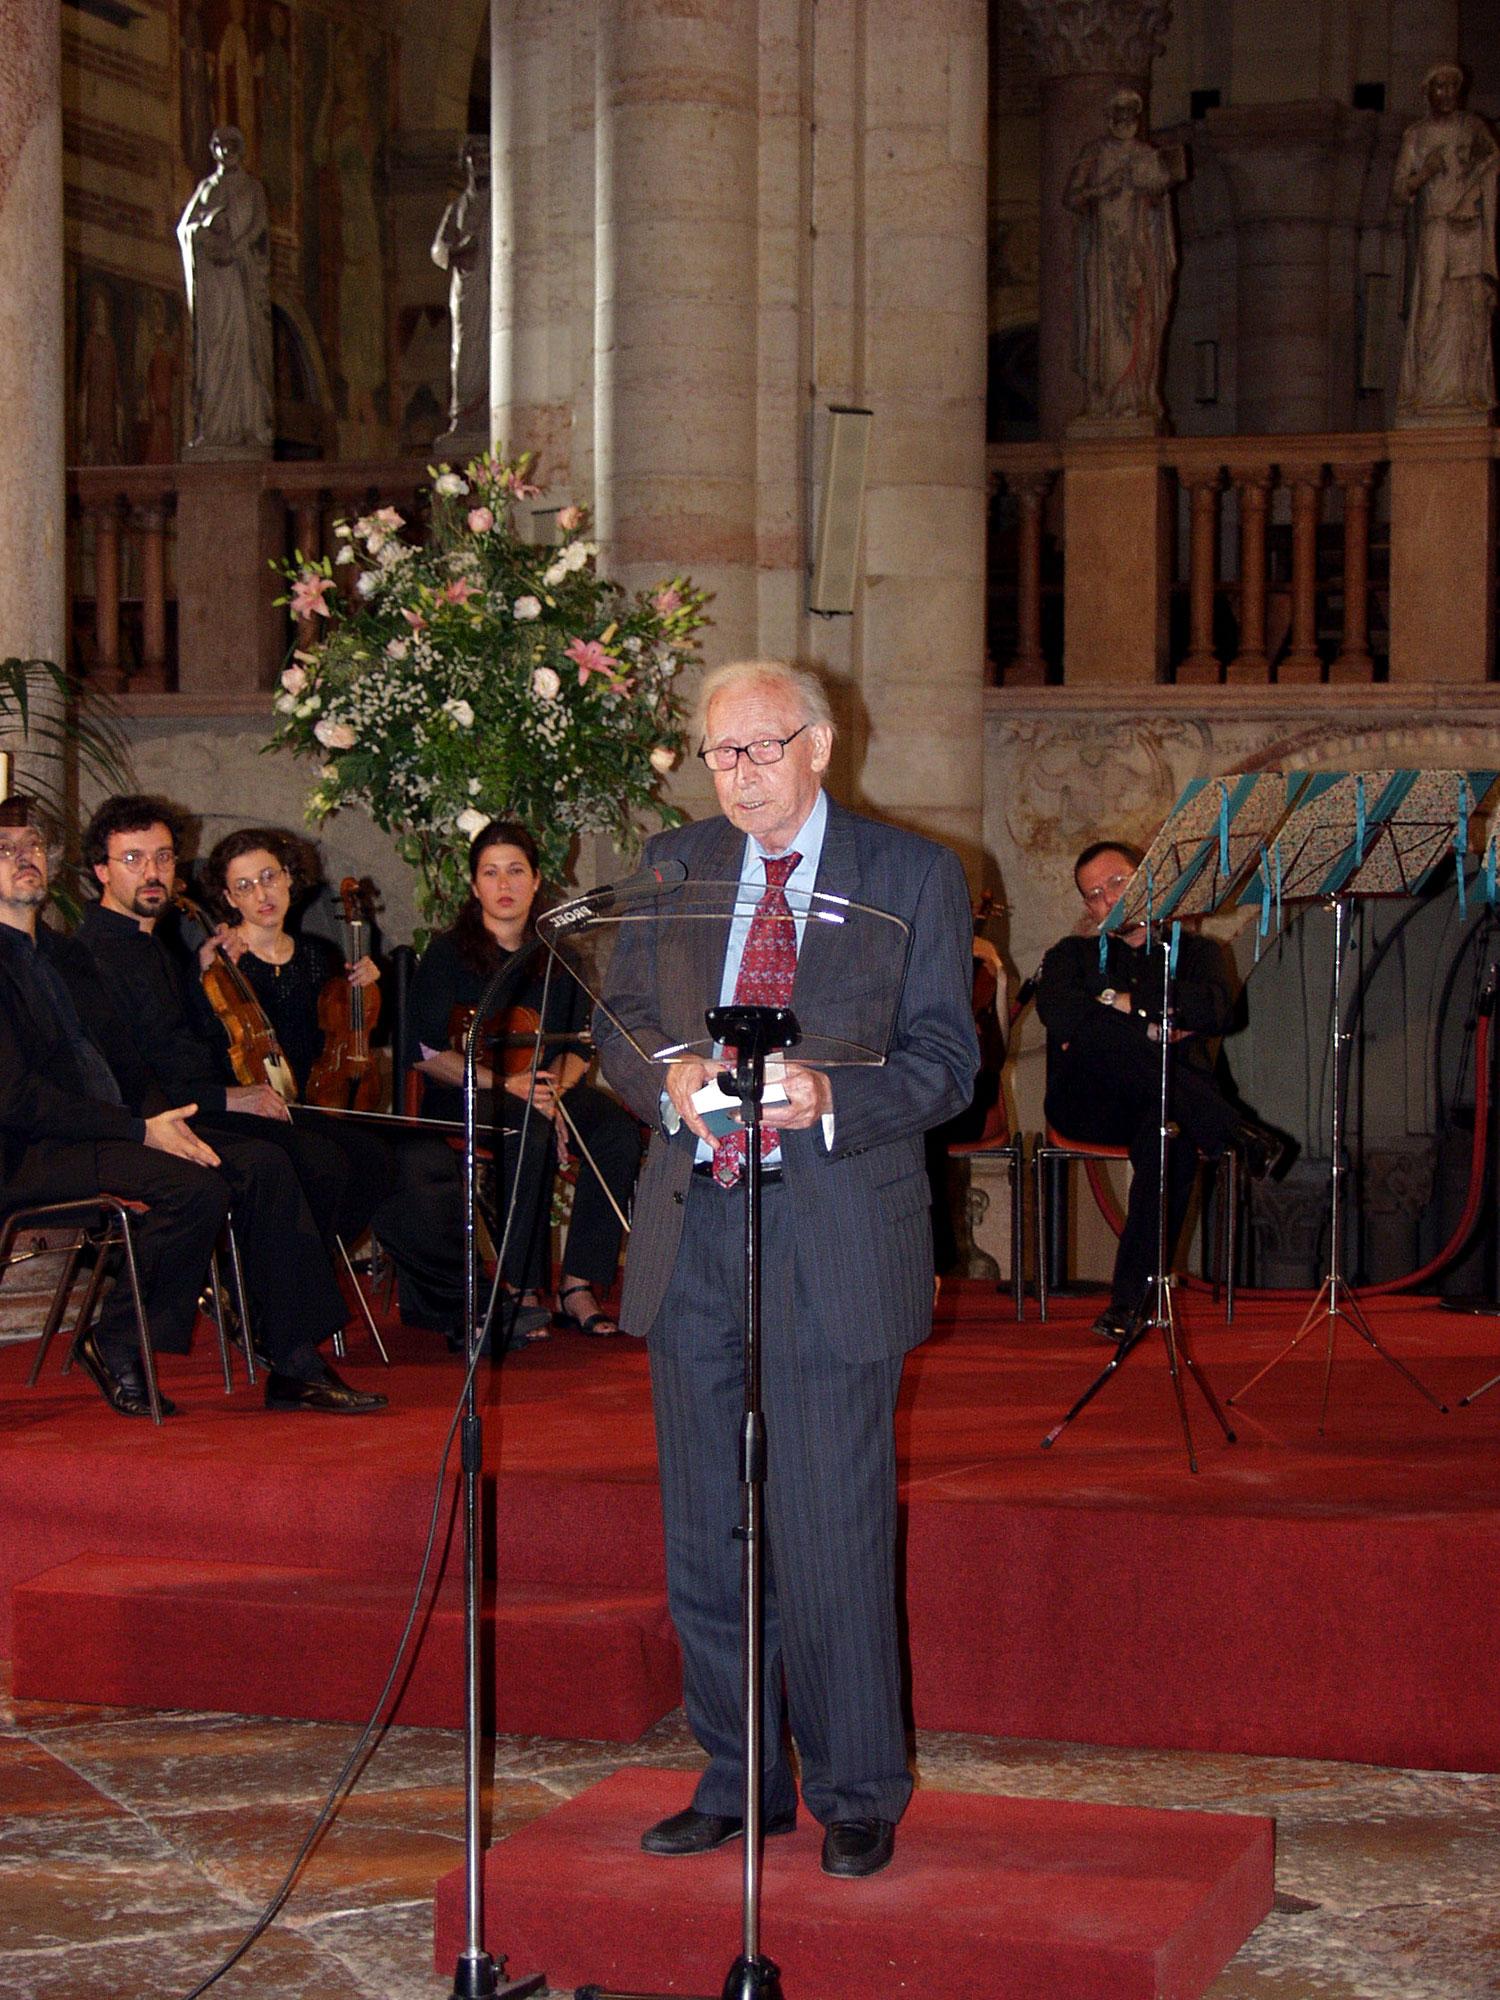 Mario Luzi, socio fondatore Accademia Mondiale della Poesia